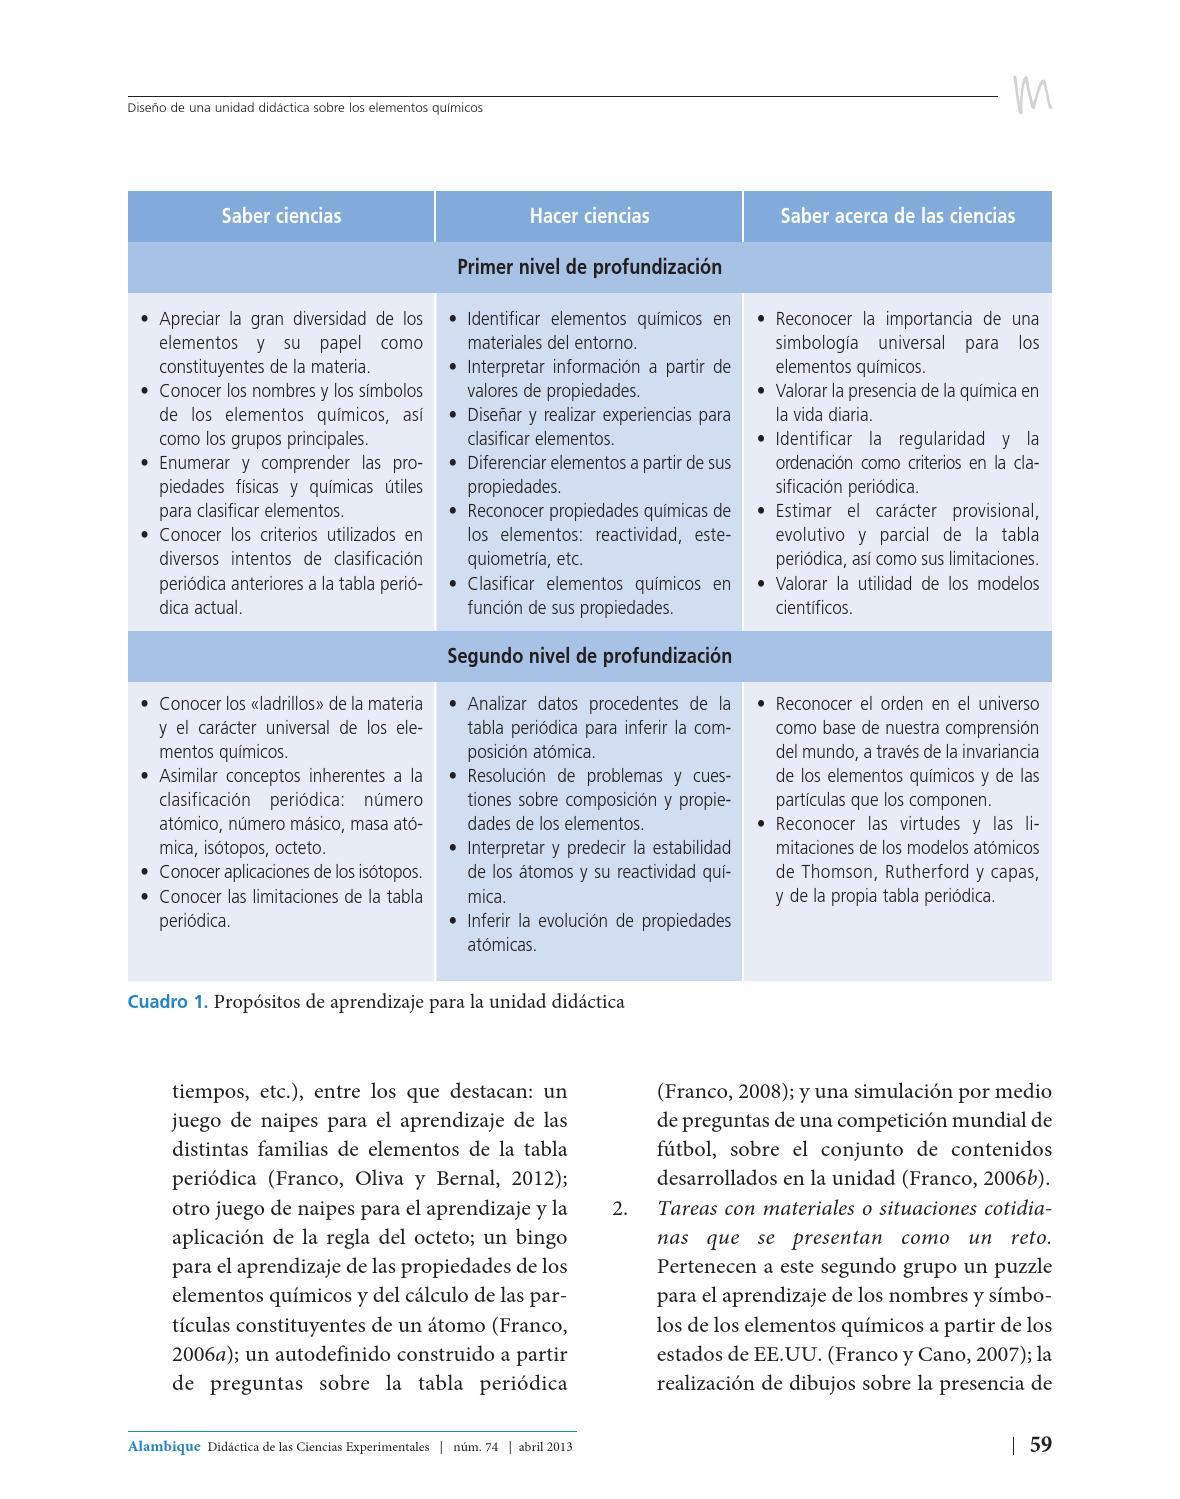 Alambique didctica de las ciencias experimentales by editorial alambique didctica de las ciencias experimentales by editorial gra issuu urtaz Image collections